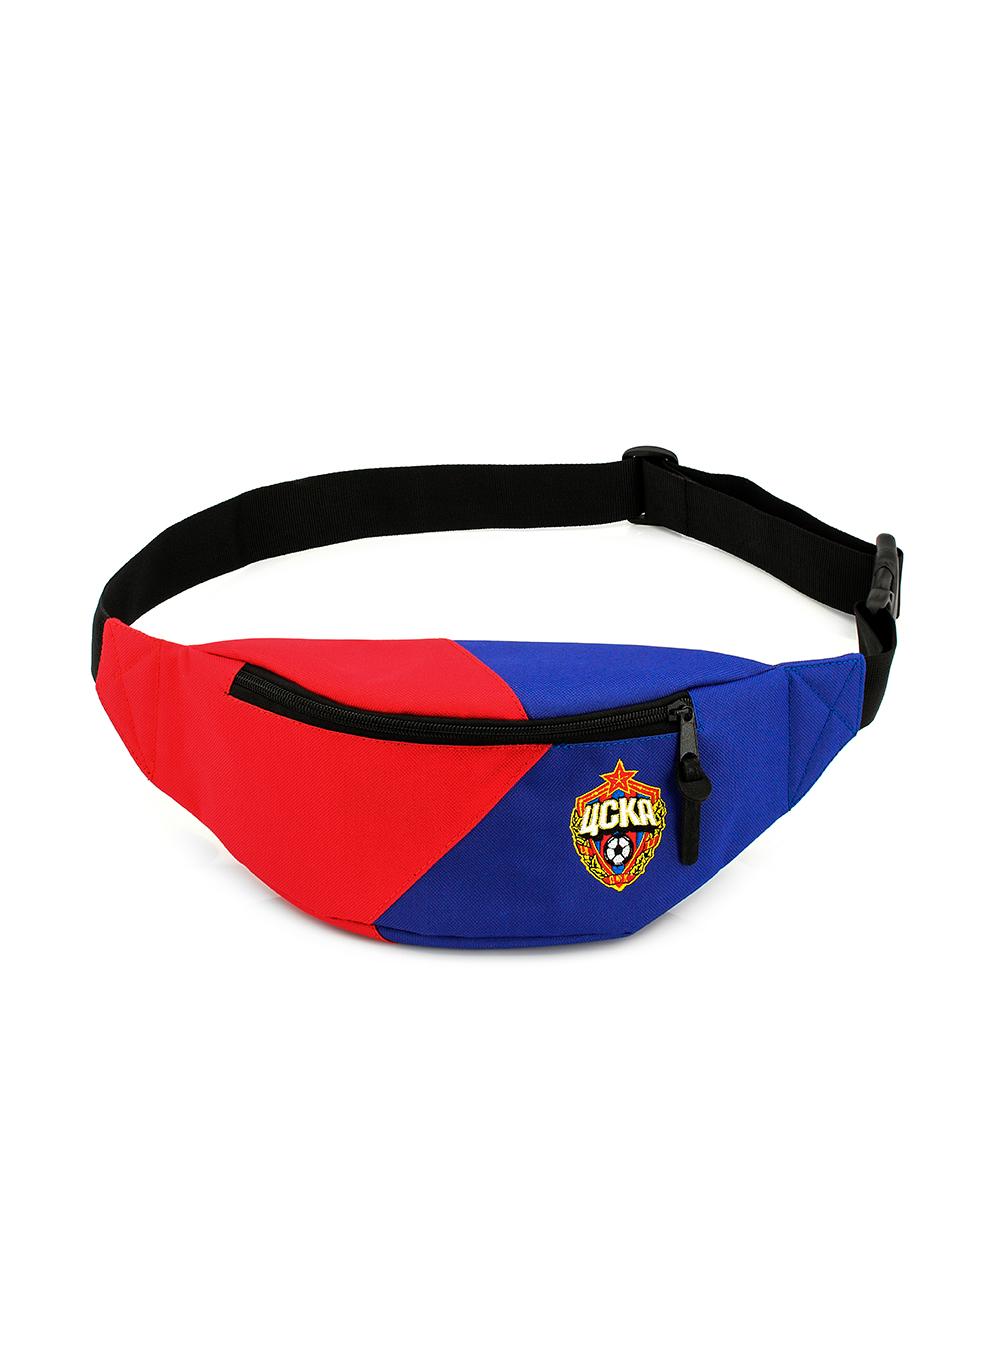 Сумка на пояс удлиненная красно-синяя с эмблемой ПФК ЦСКА фото